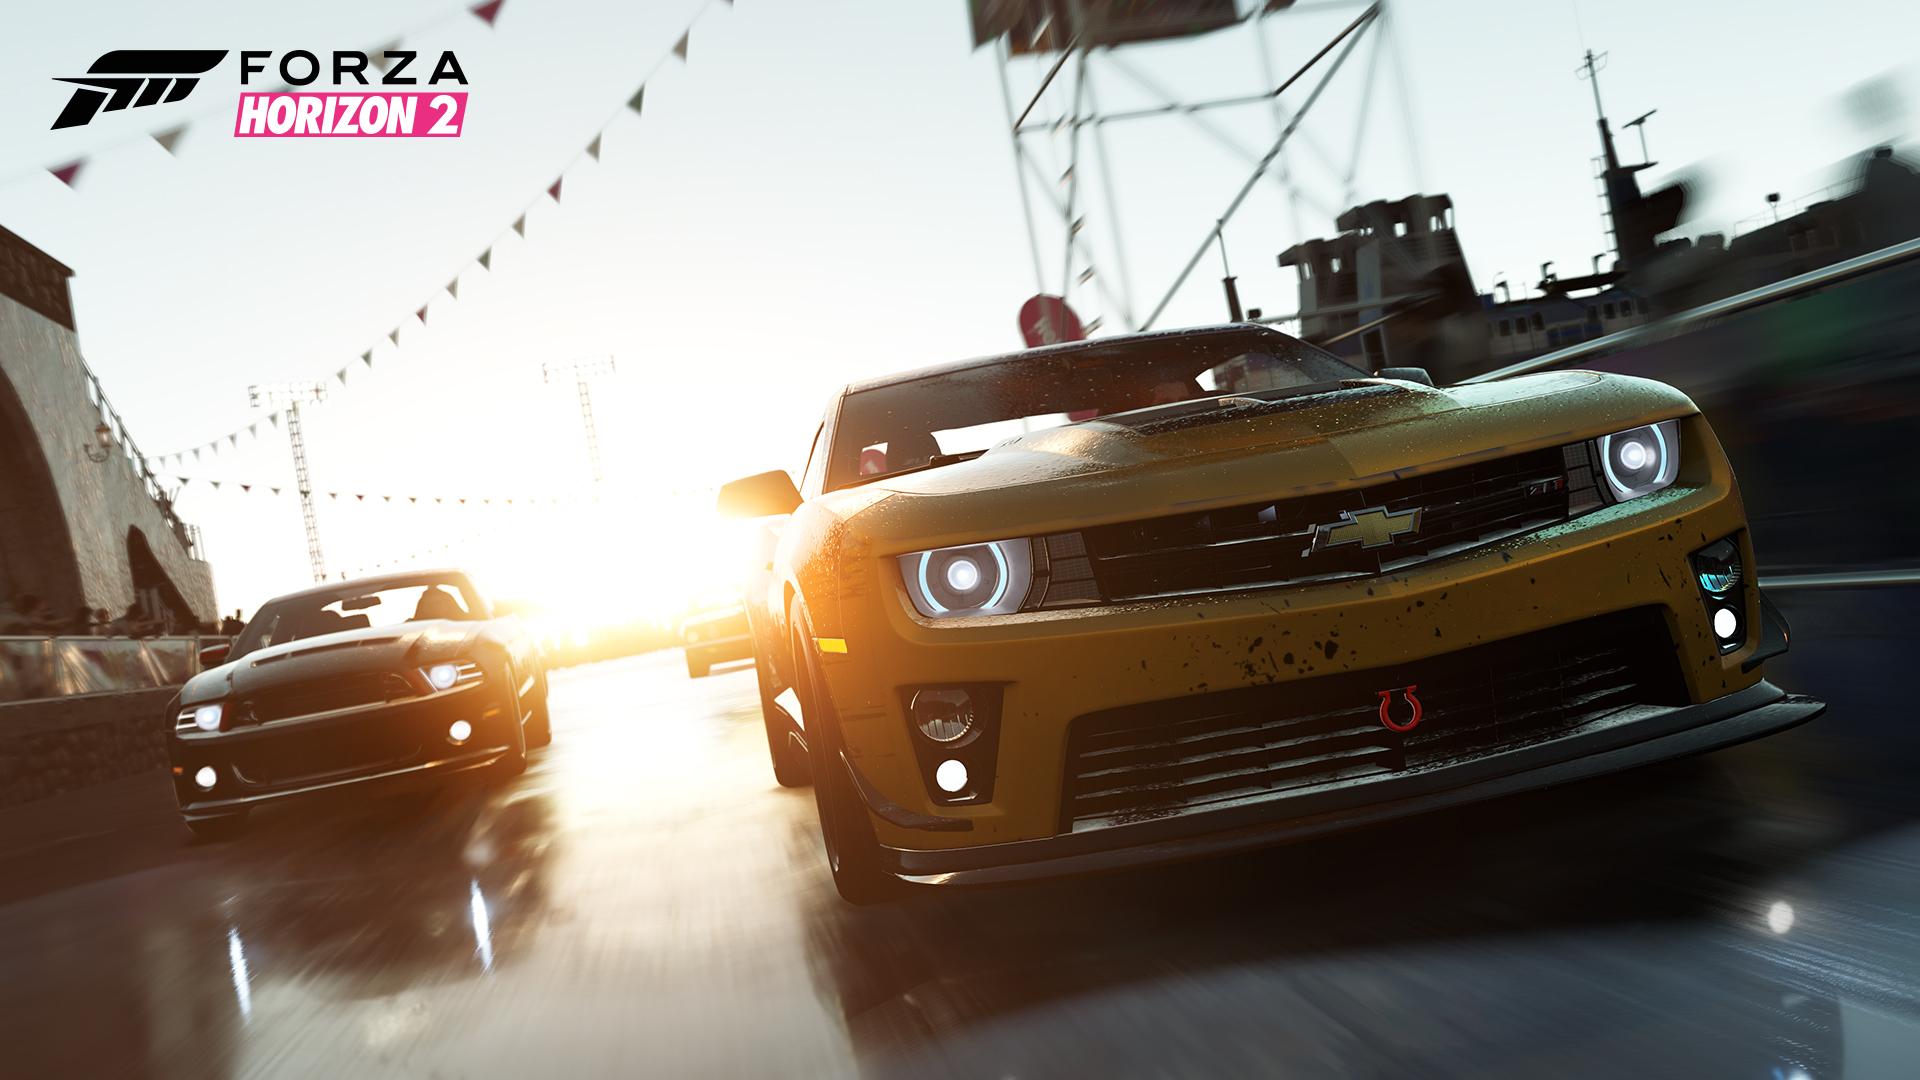 Forza Motorsport Forza Horizon 2 Vip